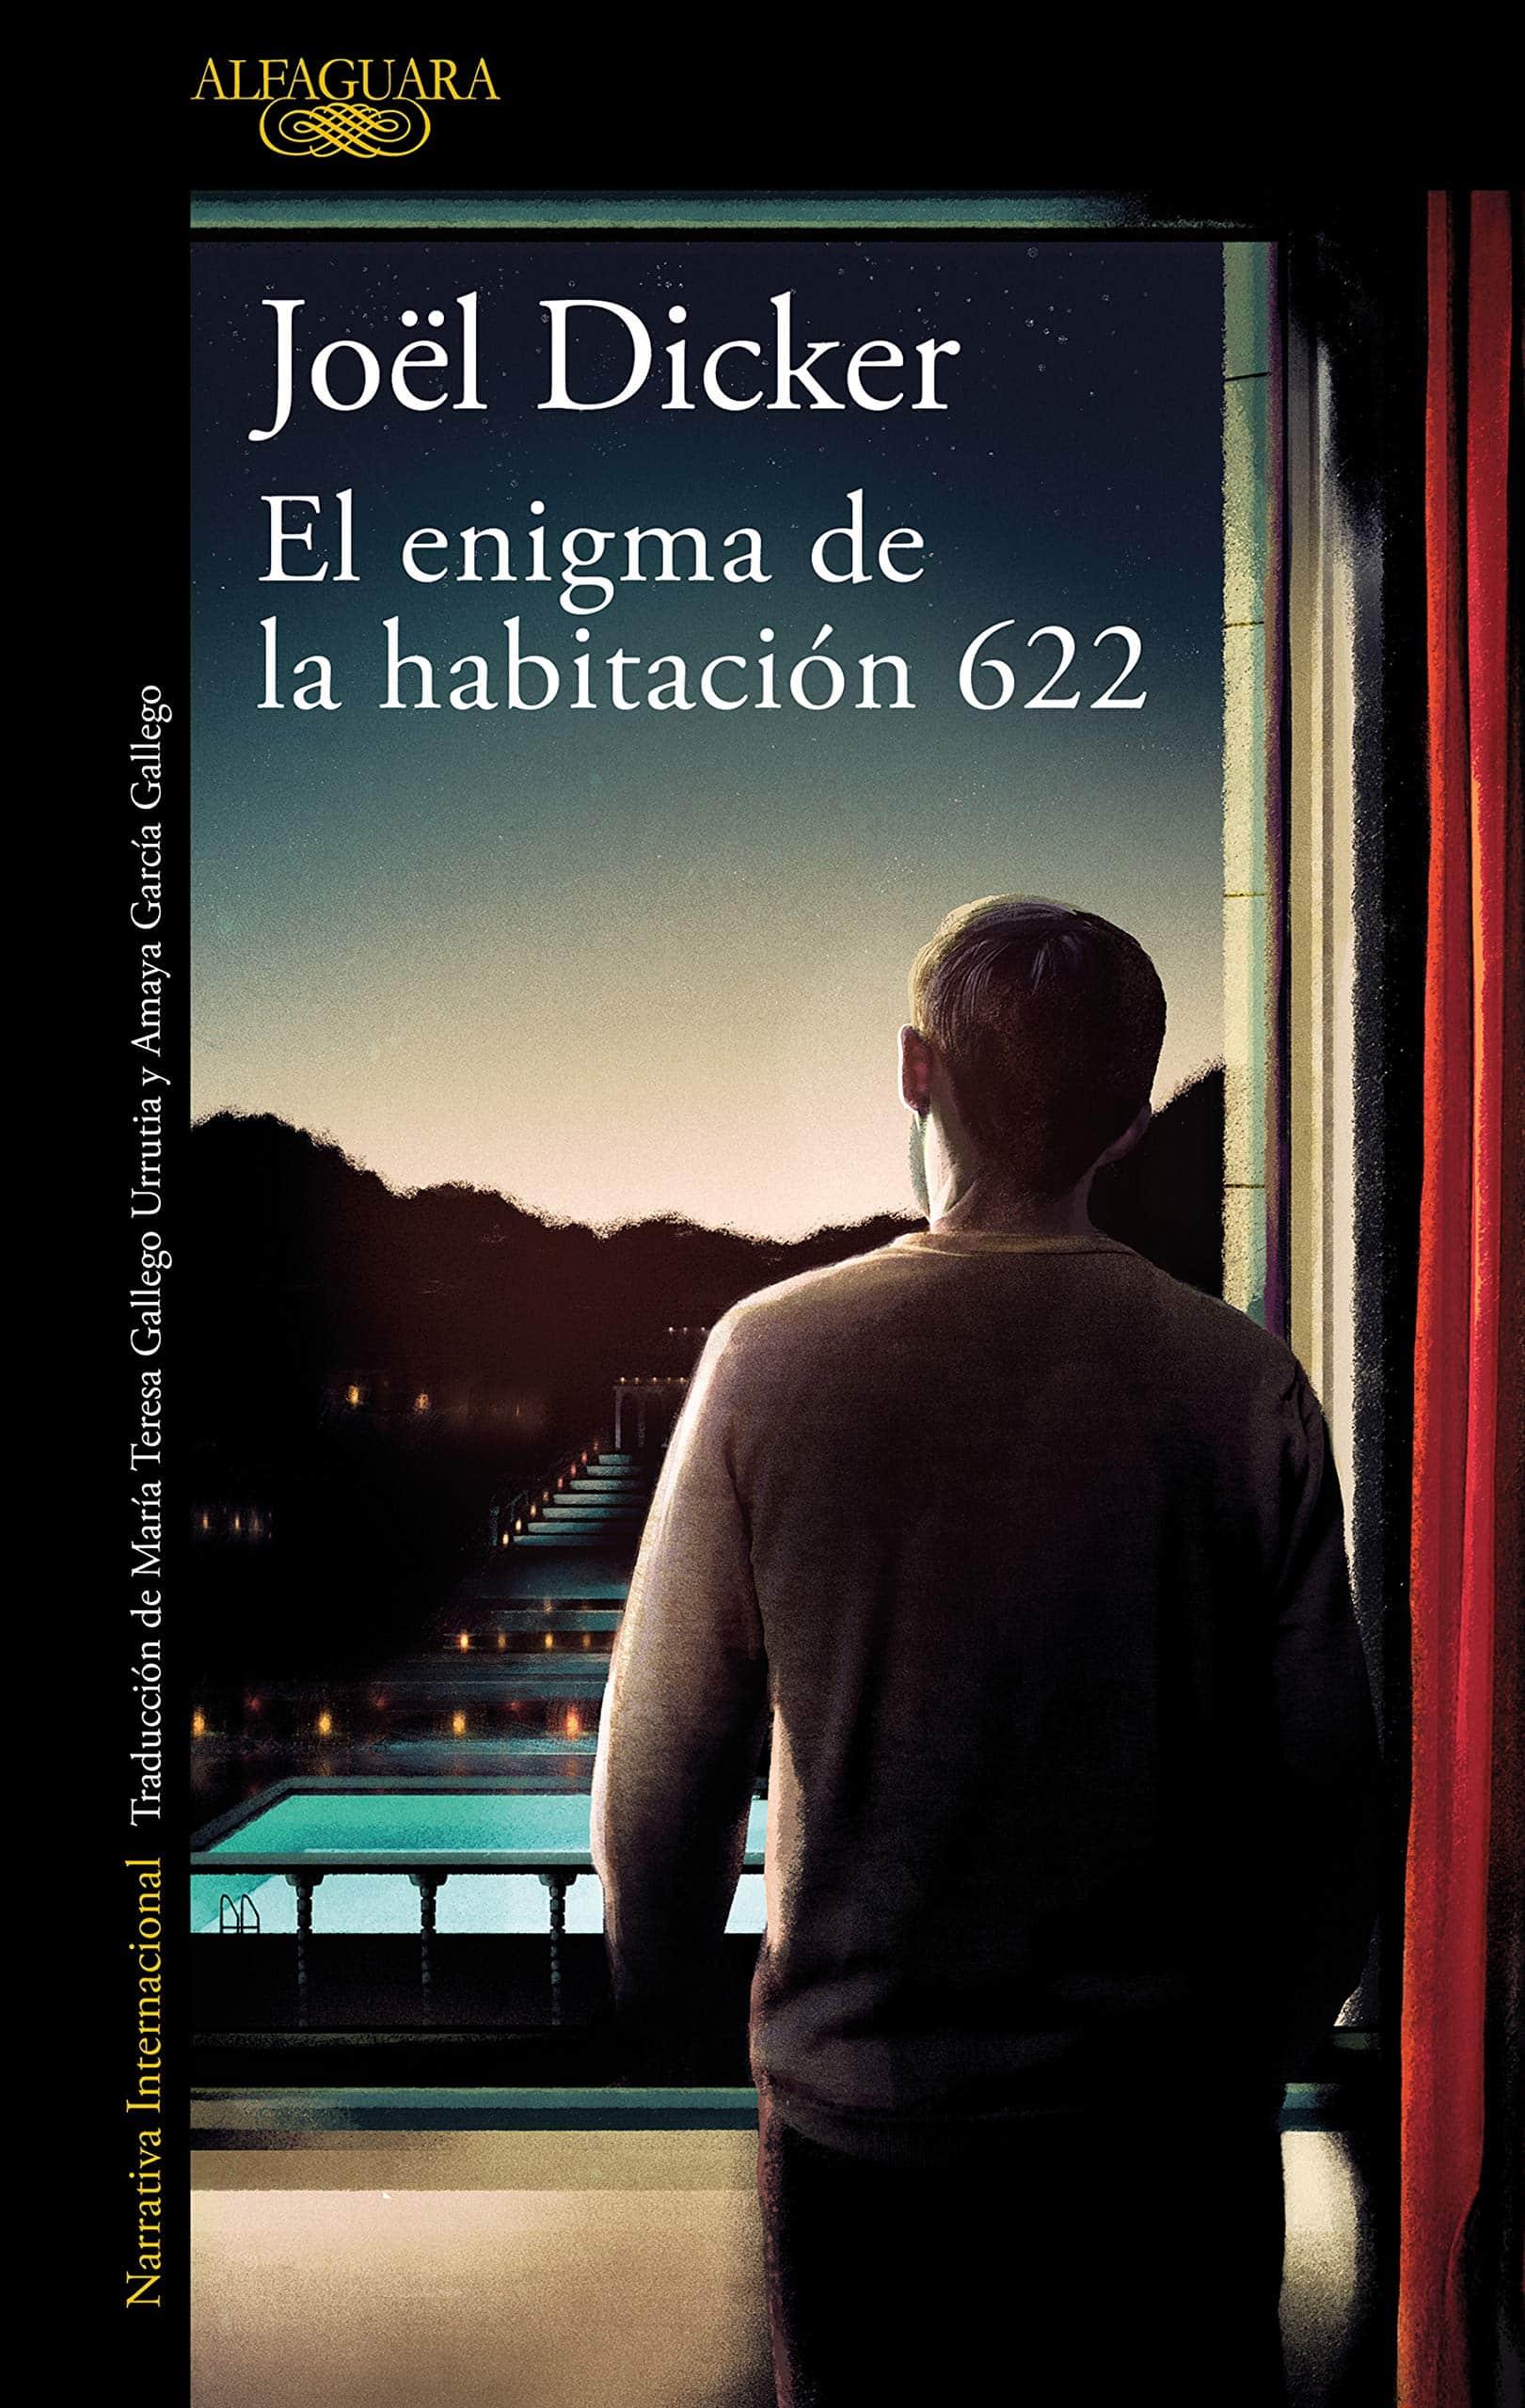 """Libro """"El enigma de la habitación 622"""" del autor Joël Dicker."""